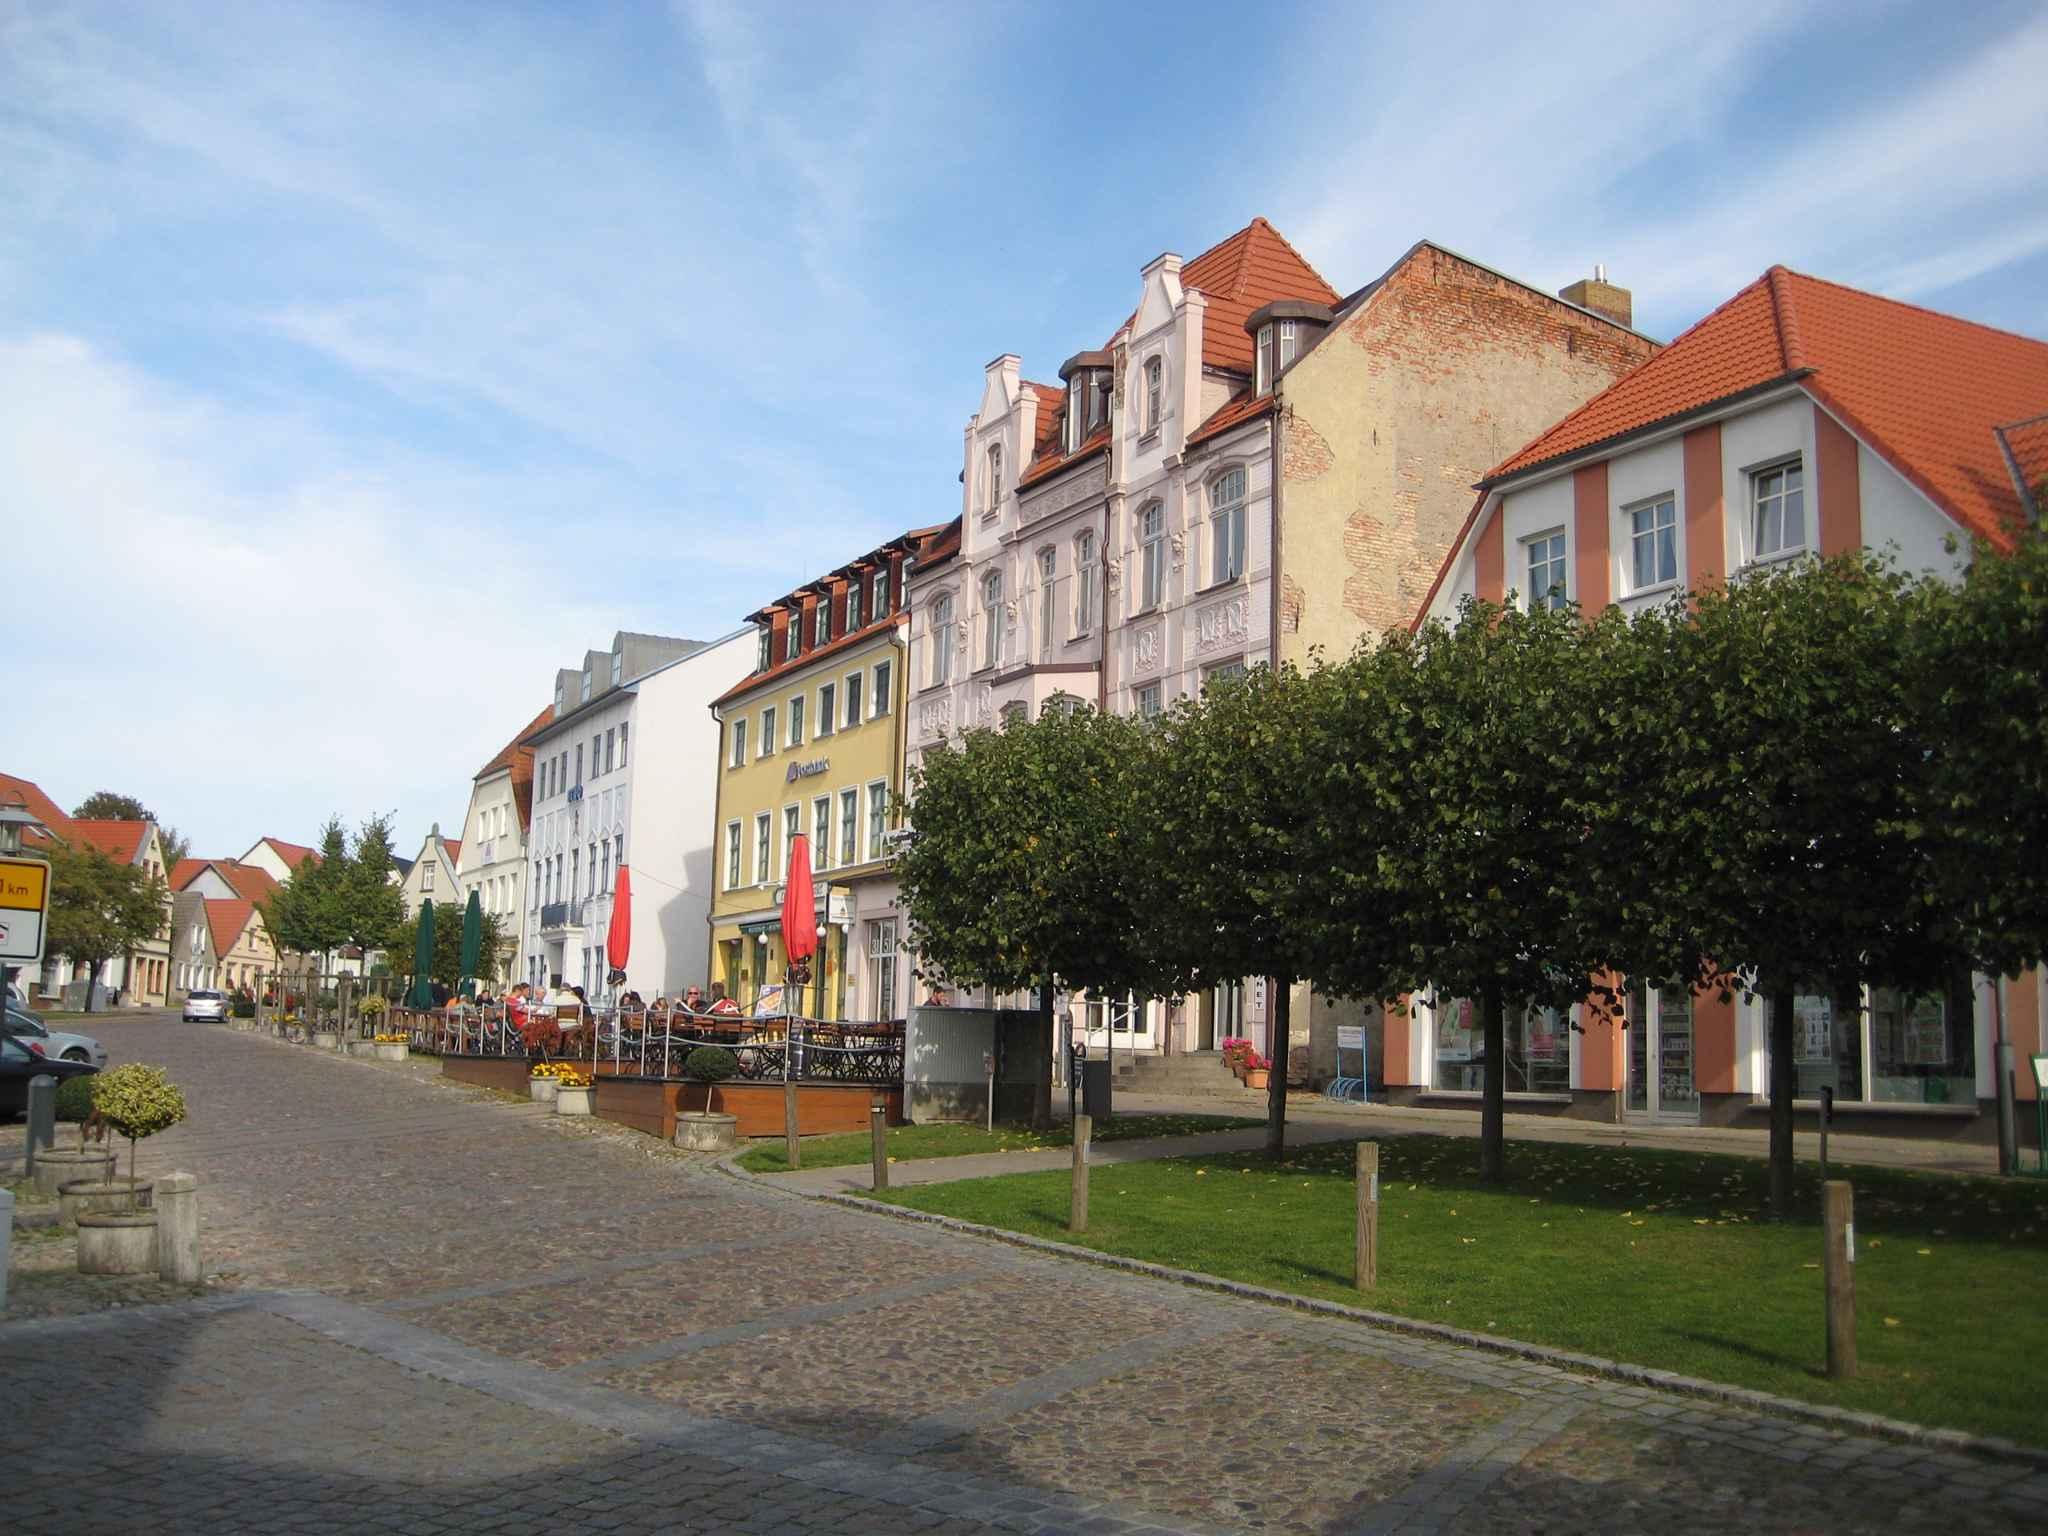 Ferienhaus Bungalow Ferienhaus mit Terrasse und Garten (358672), Bergen (Rügen), Rügen, Mecklenburg-Vorpommern, Deutschland, Bild 15